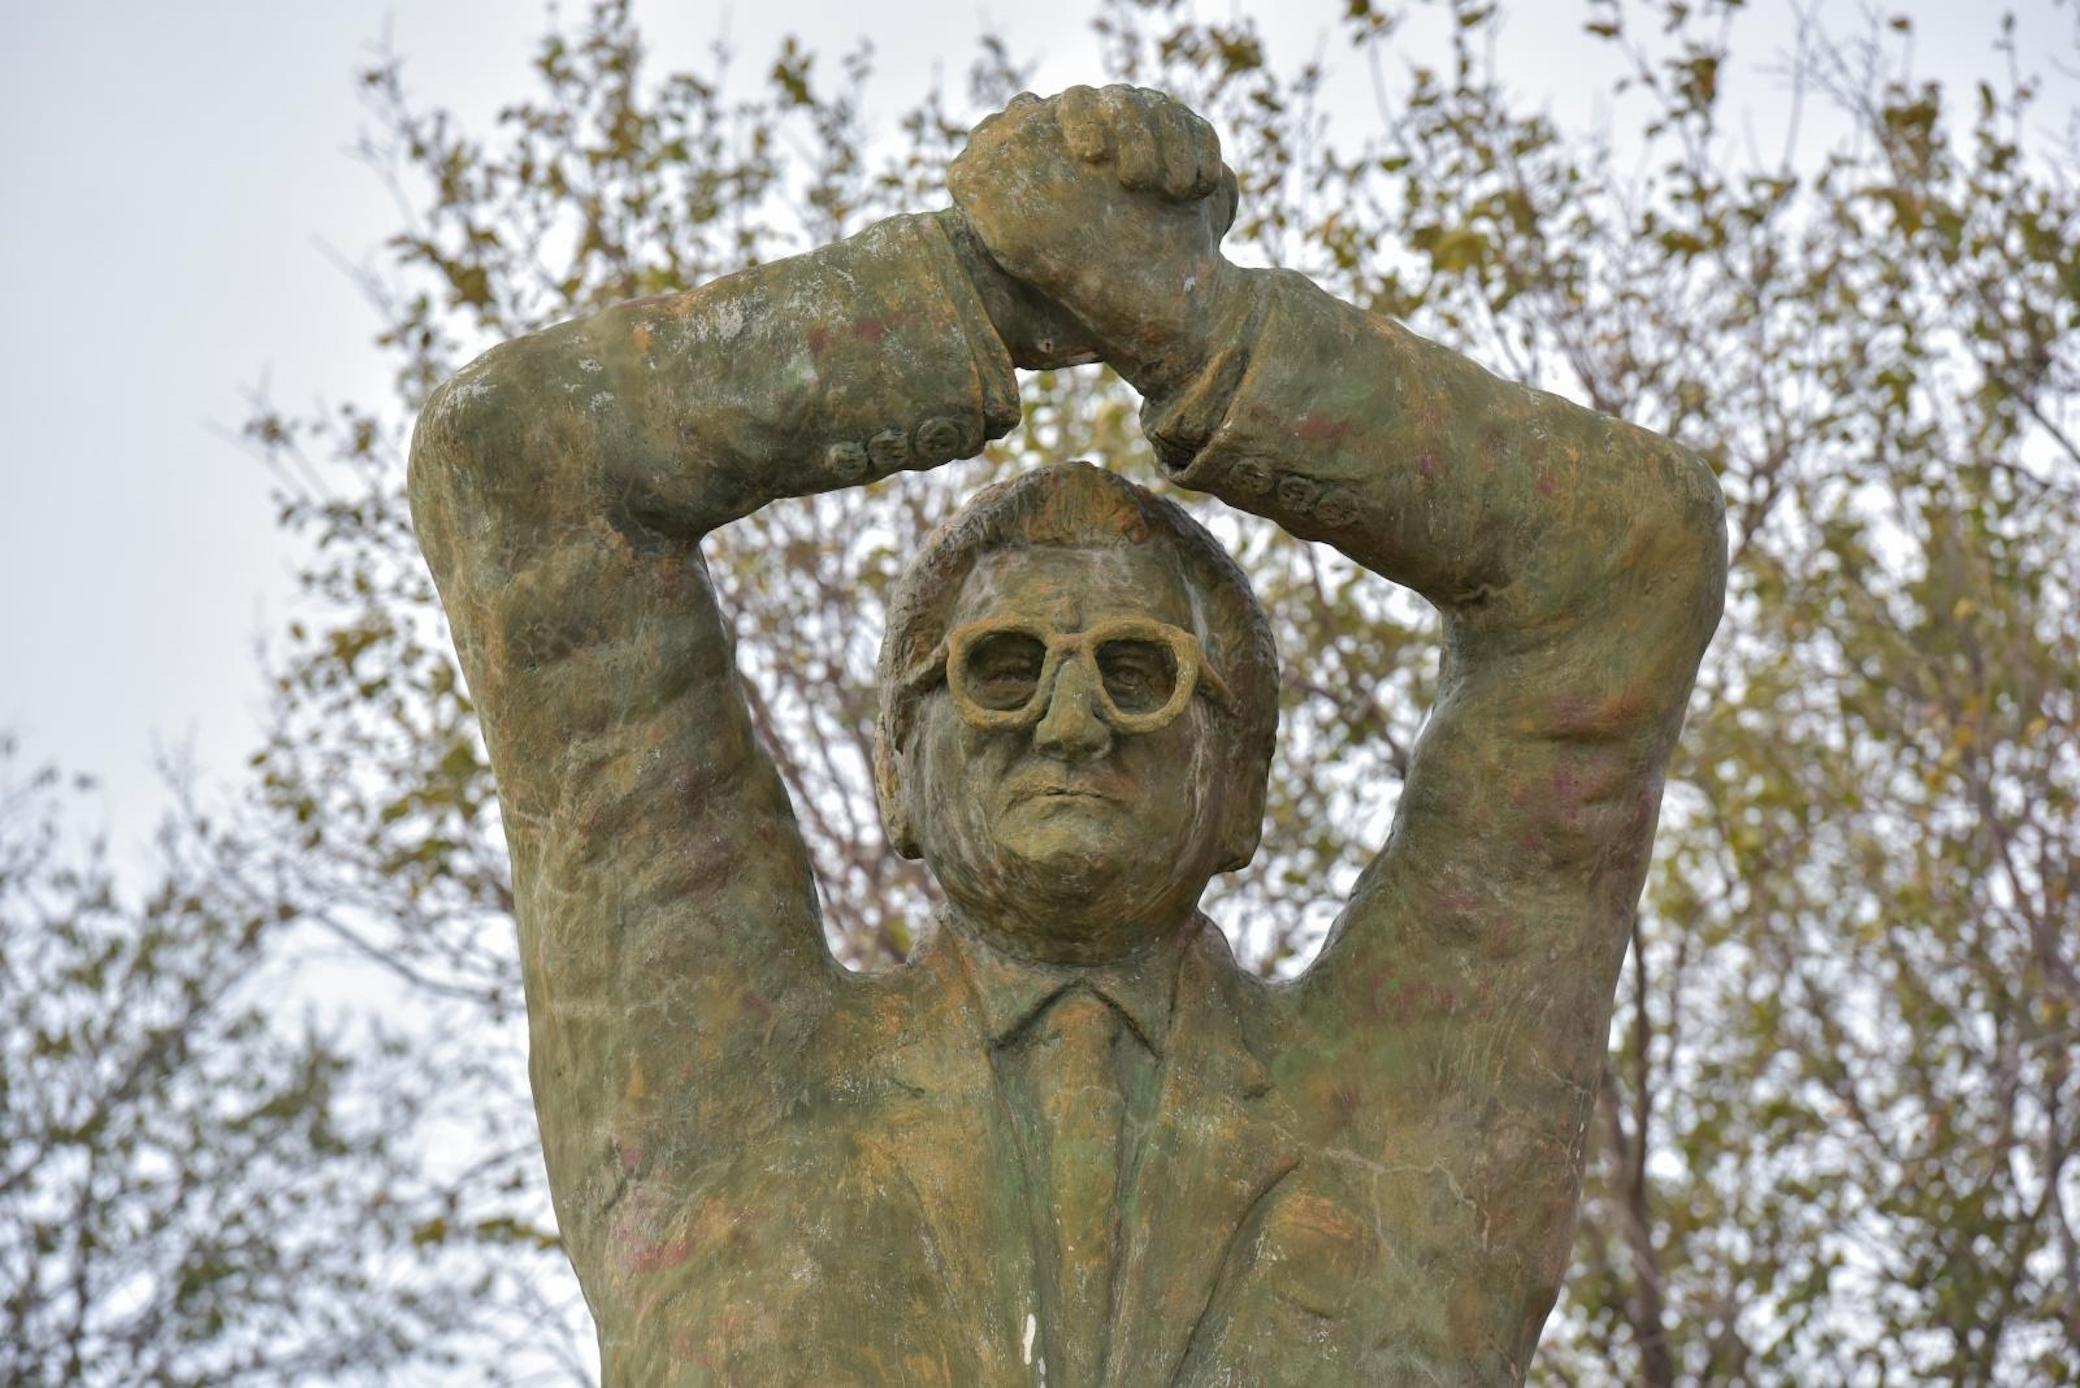 """Kip dr. Franje Tuđmana iz Pridrage u zadarskoj županiji vjerojatno je najpopularniji primjer hrvatskog spomenika koji ne liči na osobu na koju bi trebao ličiti. No općenito, spomenici Tuđmanu u Hrvatskoj gotovo uvijek ispadaju vrlo nespretno, pa tako i ovaj posljednji u Zagrebu za koji je njegov sin navodno uzviknuo sad već čuvenu izjavu: """"Pa to nije moj tata"""". Ipak, iako nam se ponekad tako čini, mi u Hrvatskoj stvarno nismo najgori. Iskopali smo još neke primjere potpuno fulanih spomenika poznatih ljudi."""